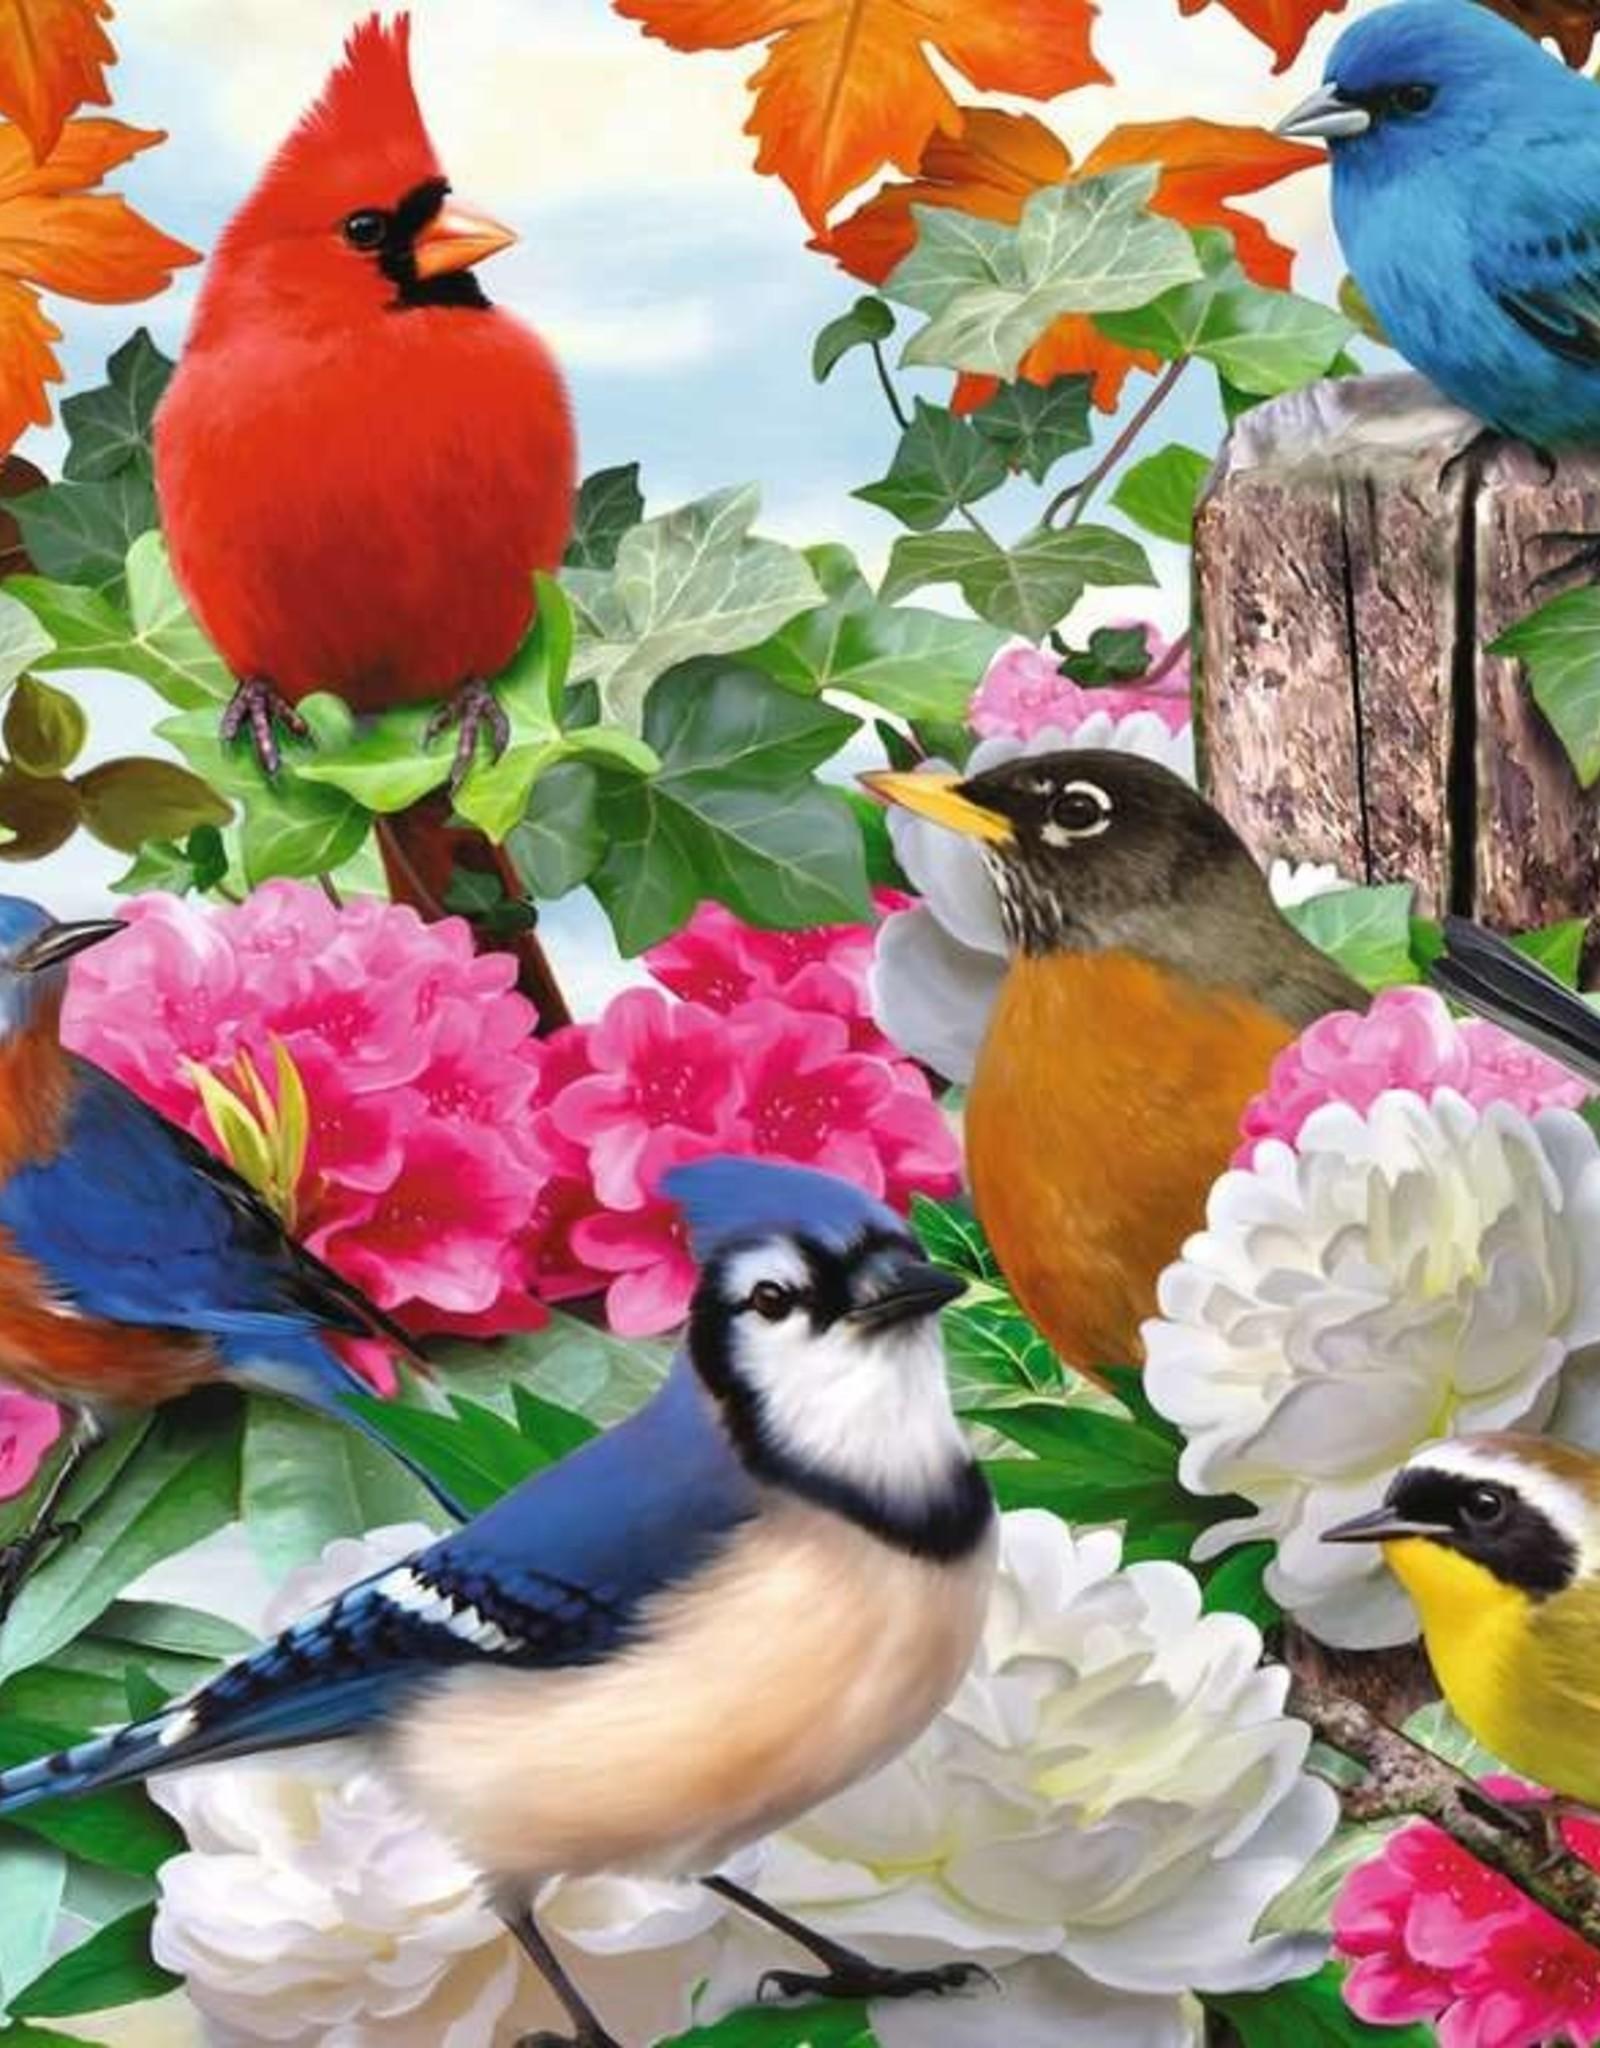 Ravensburger 500pc Garden Birds